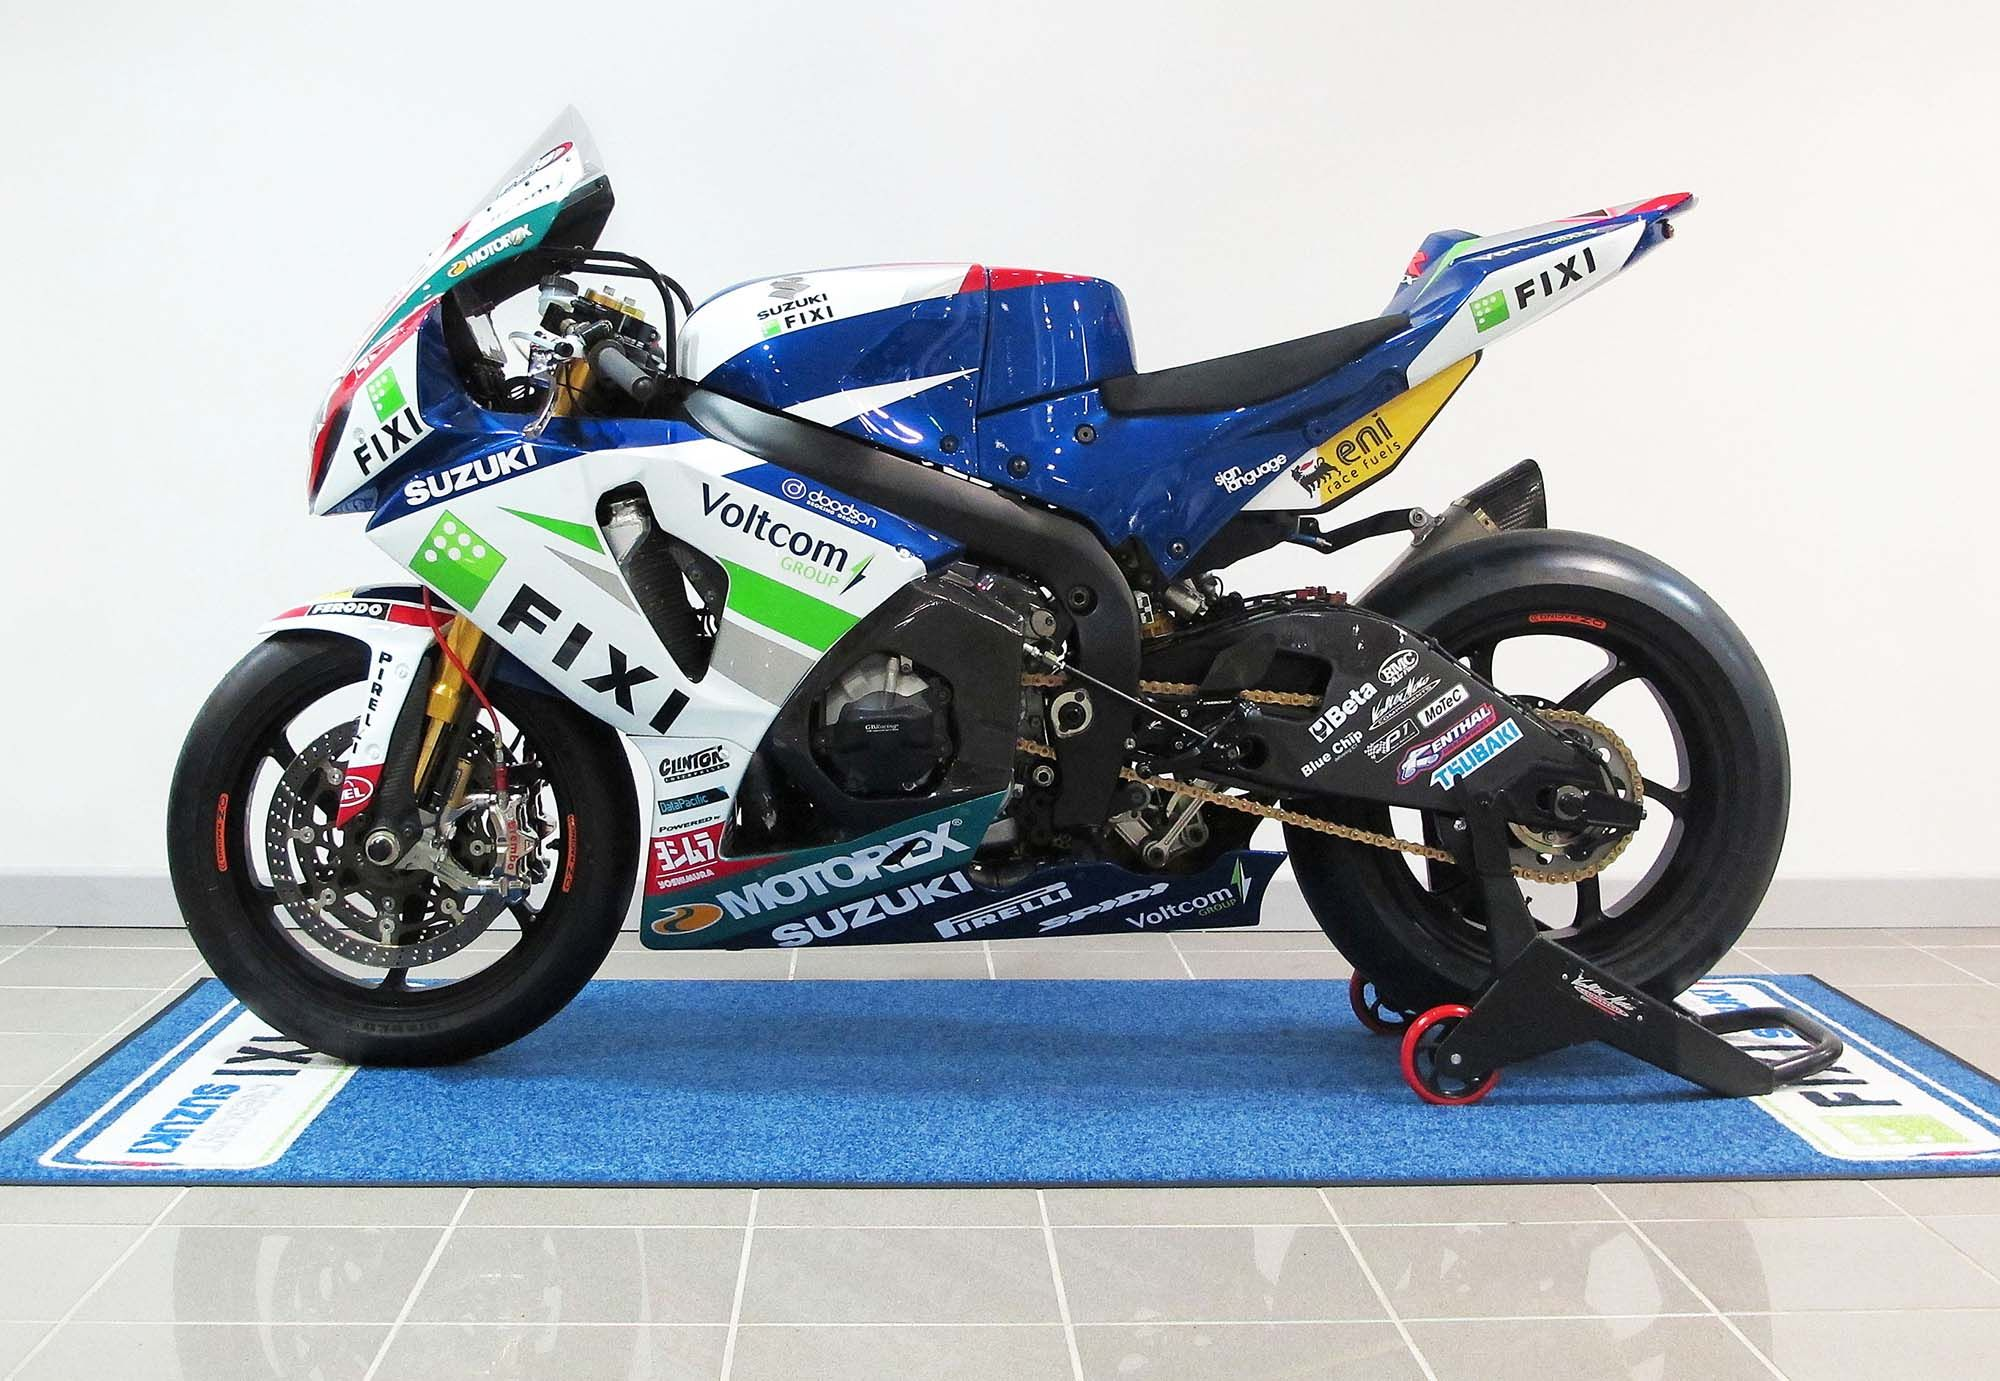 Suzuki xrh 1 motogp race bike nice rear sets motors pinterest motogp race motogp and street bikes